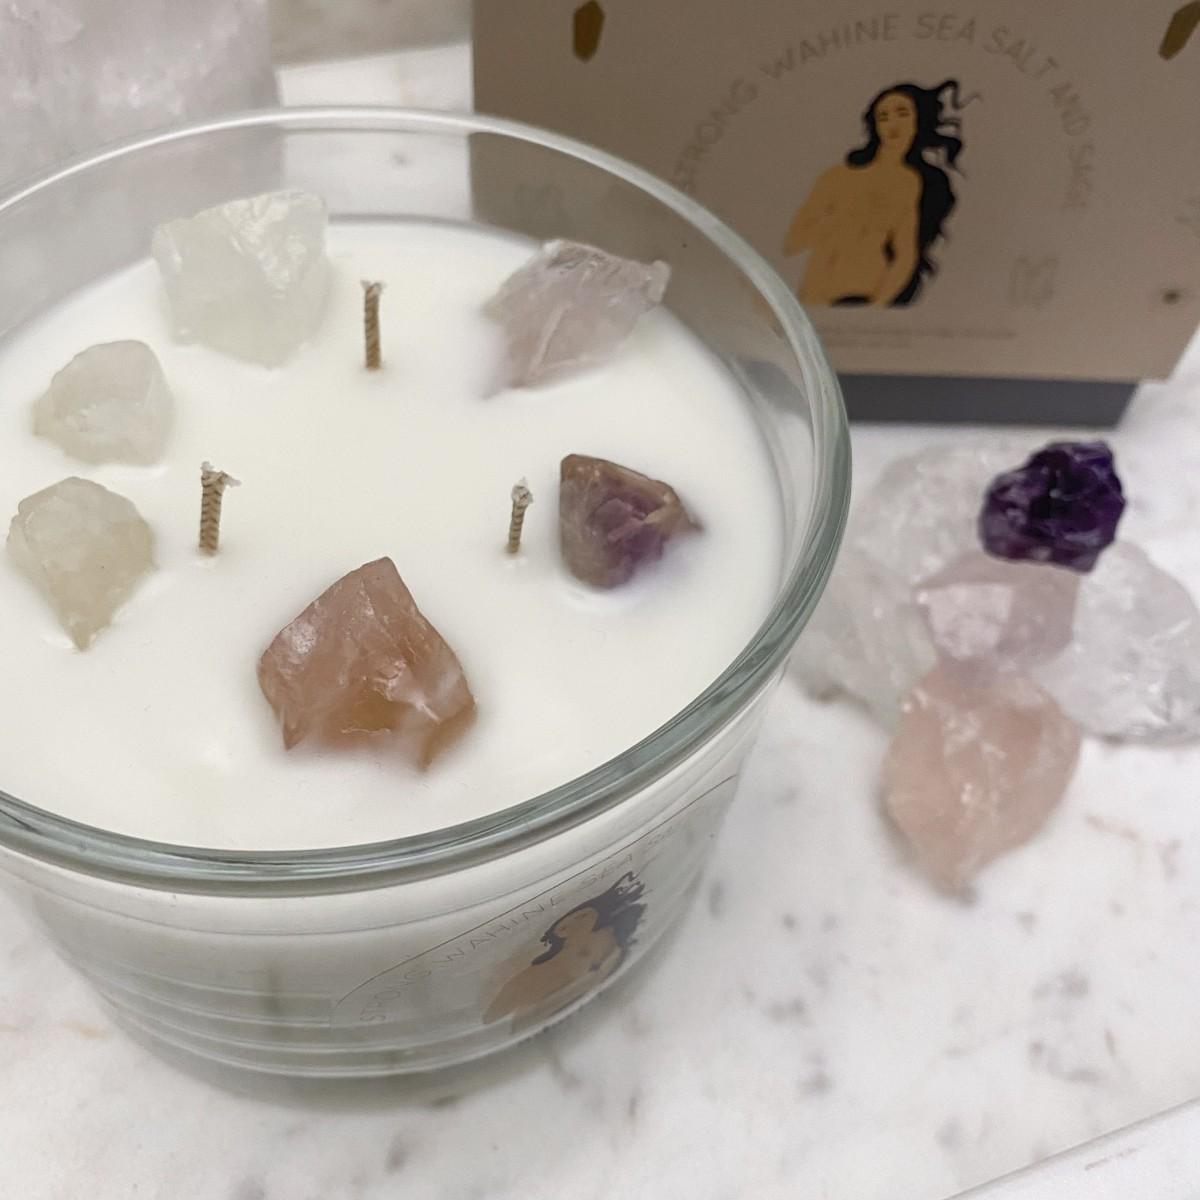 adorist - 3 Docht Duftkerze aus Sojawachs mit Kristallen Strong-Wahine-Sea-Salt-Sage zum Durchatmen & Runterkommen